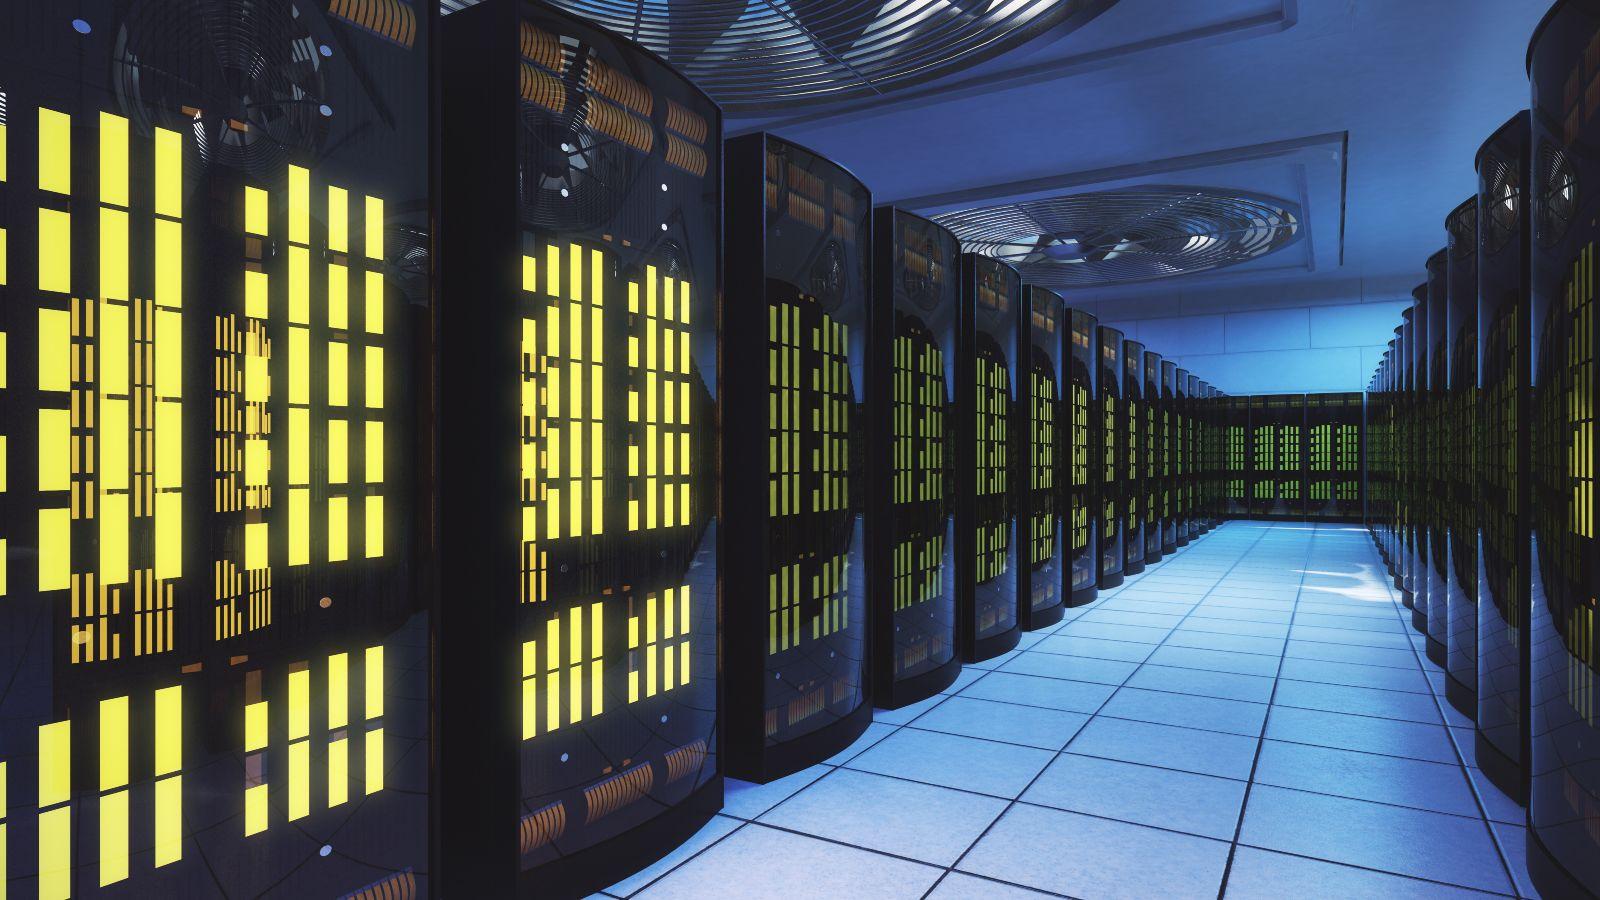 Dieses Bild zeige eine Serverfarm.